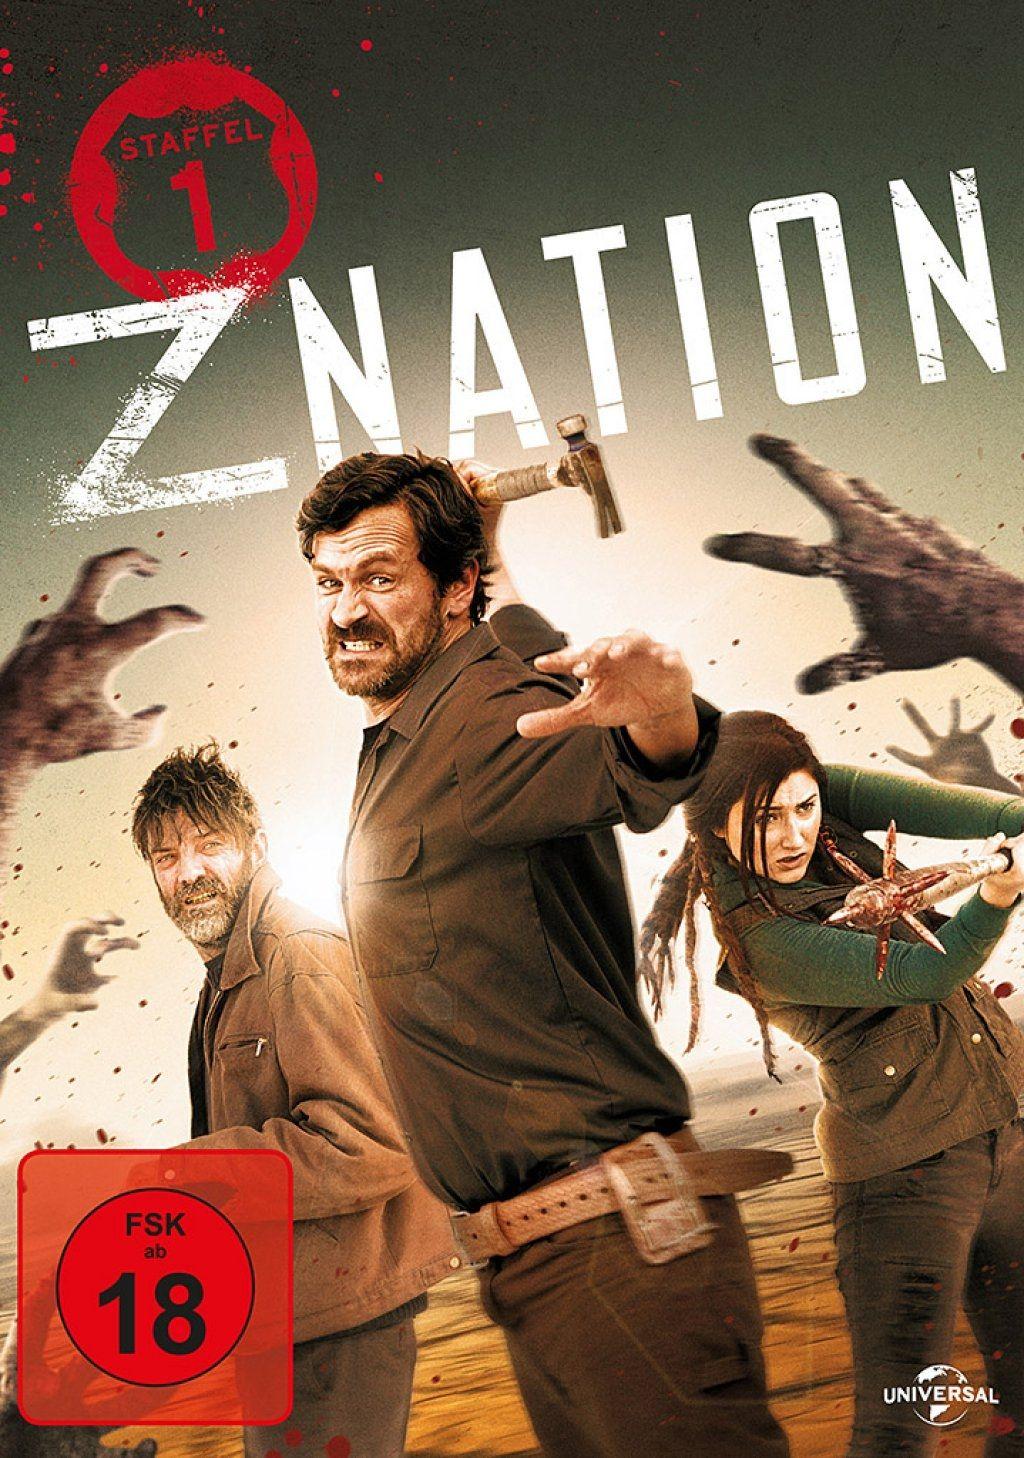 Z Nation - Staffel 1 (4 Discs)